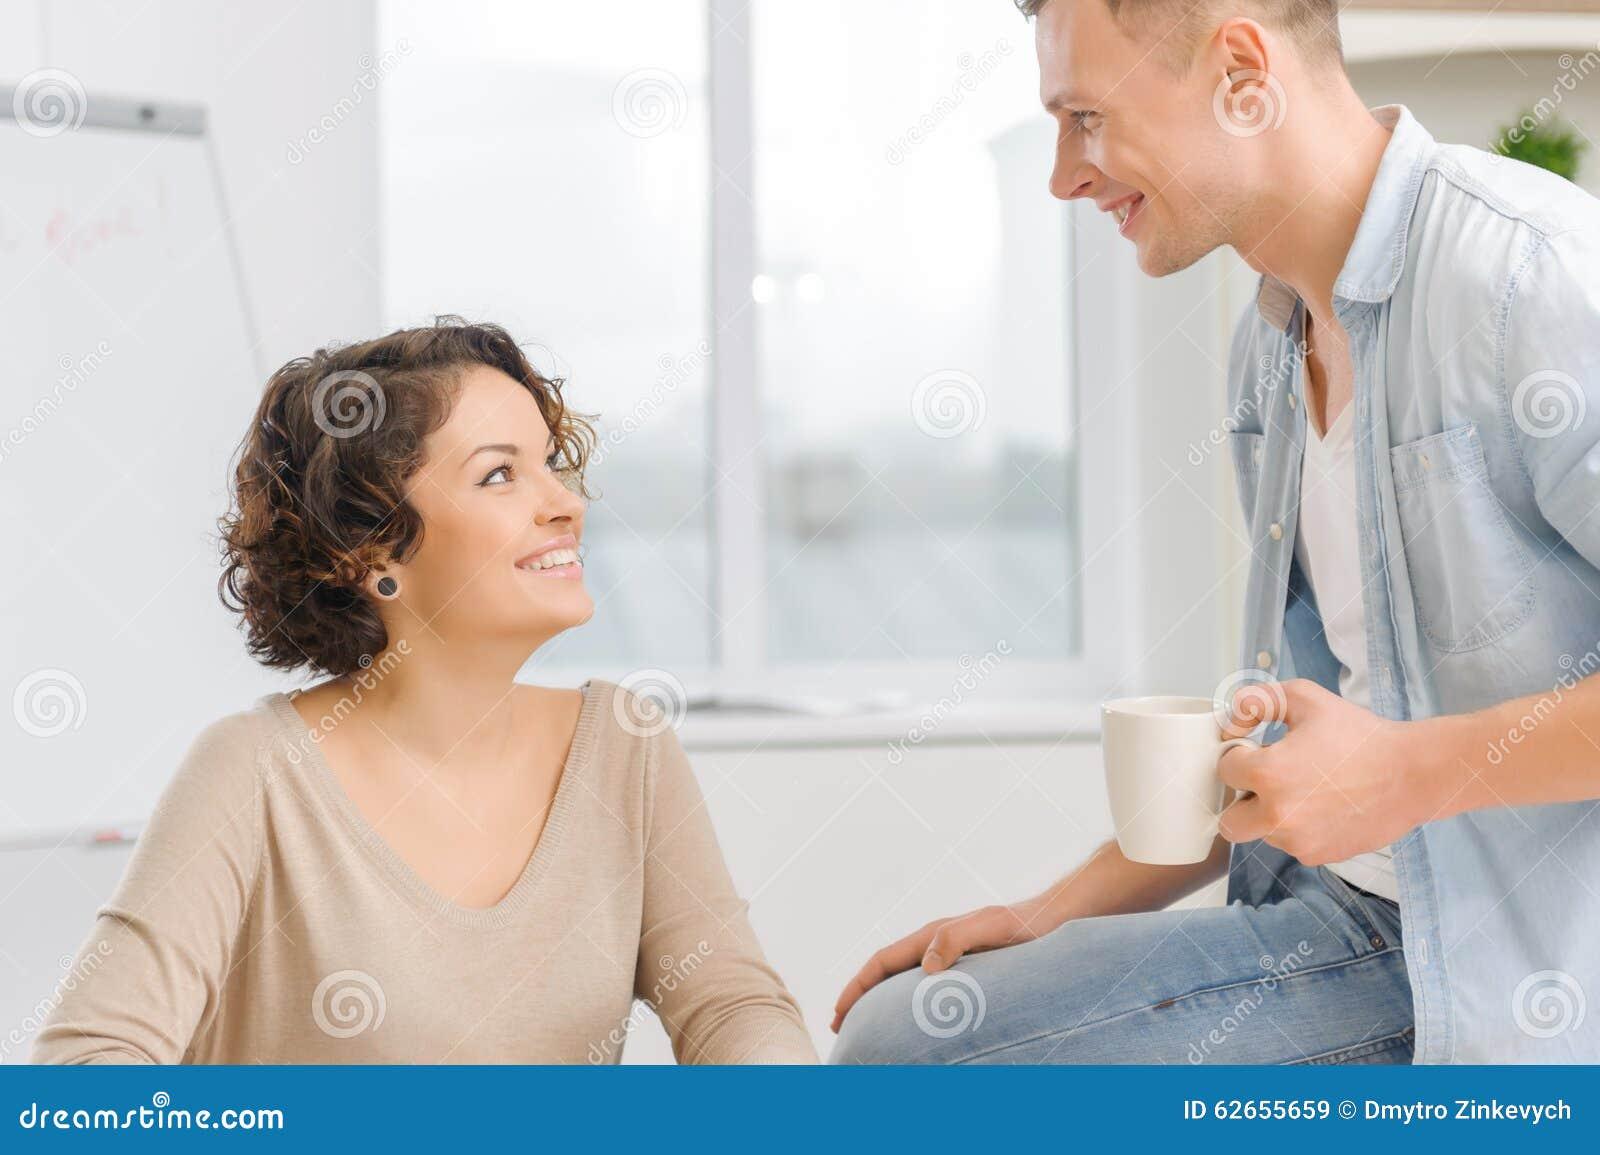 Pleasant Talk